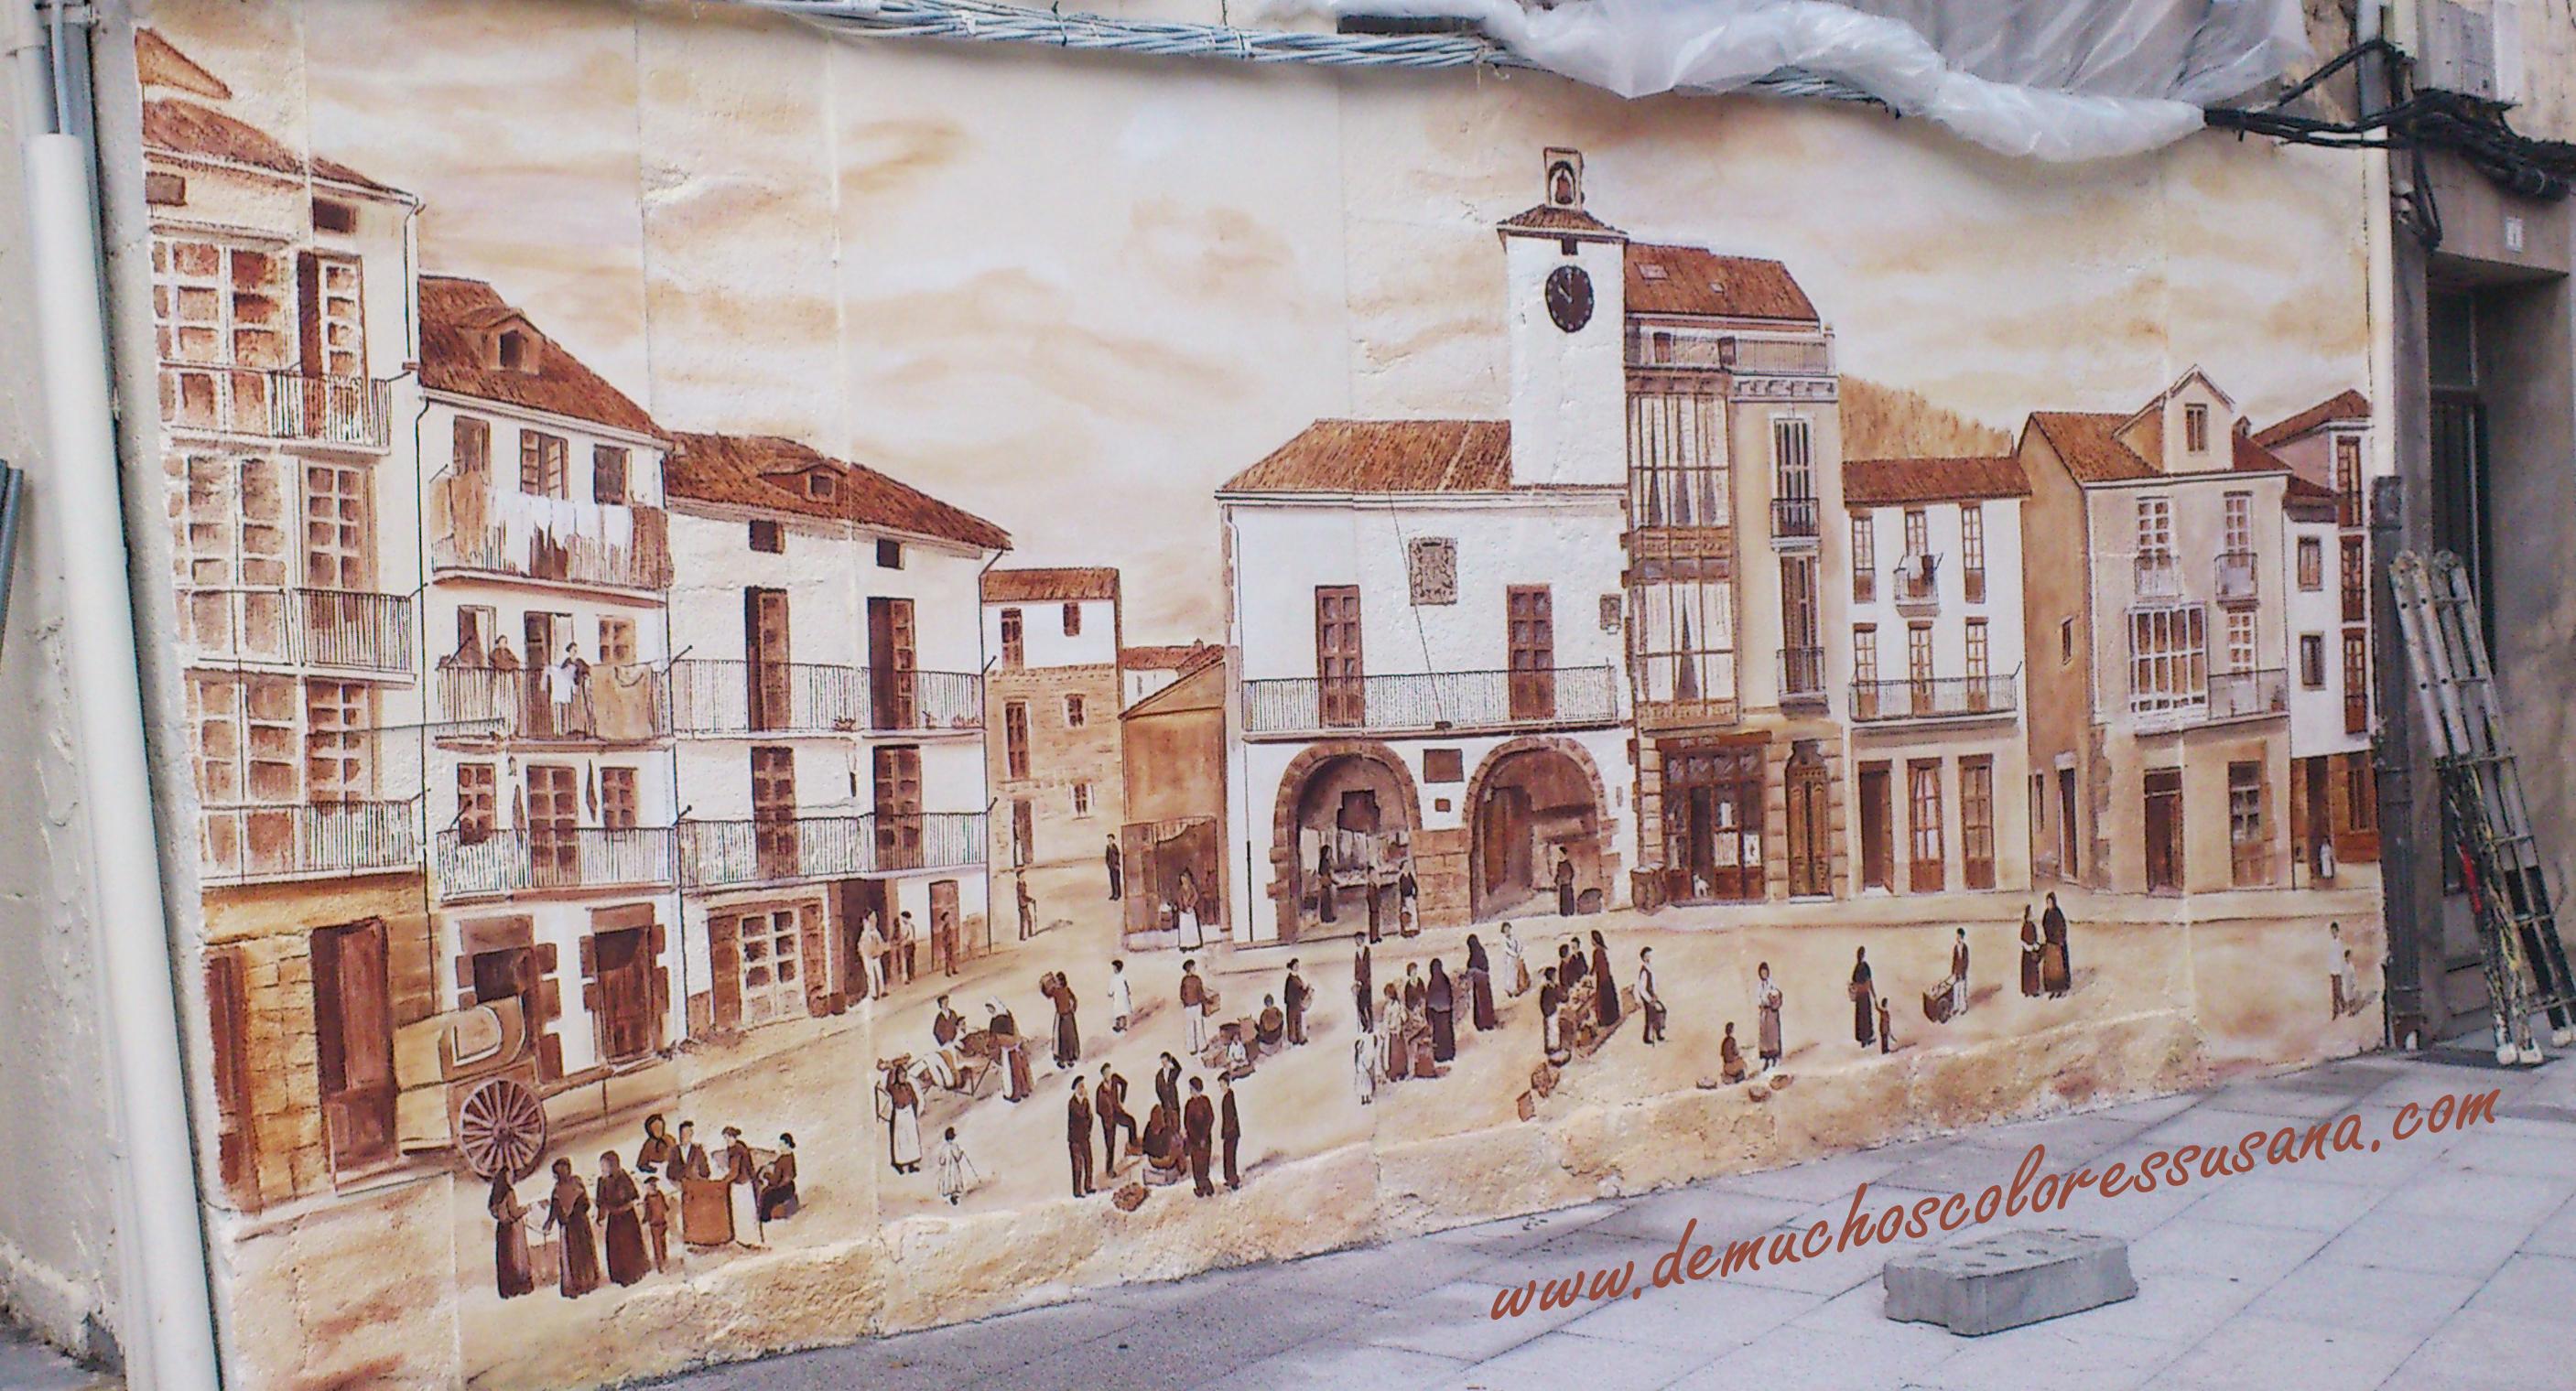 plazadelavilla5